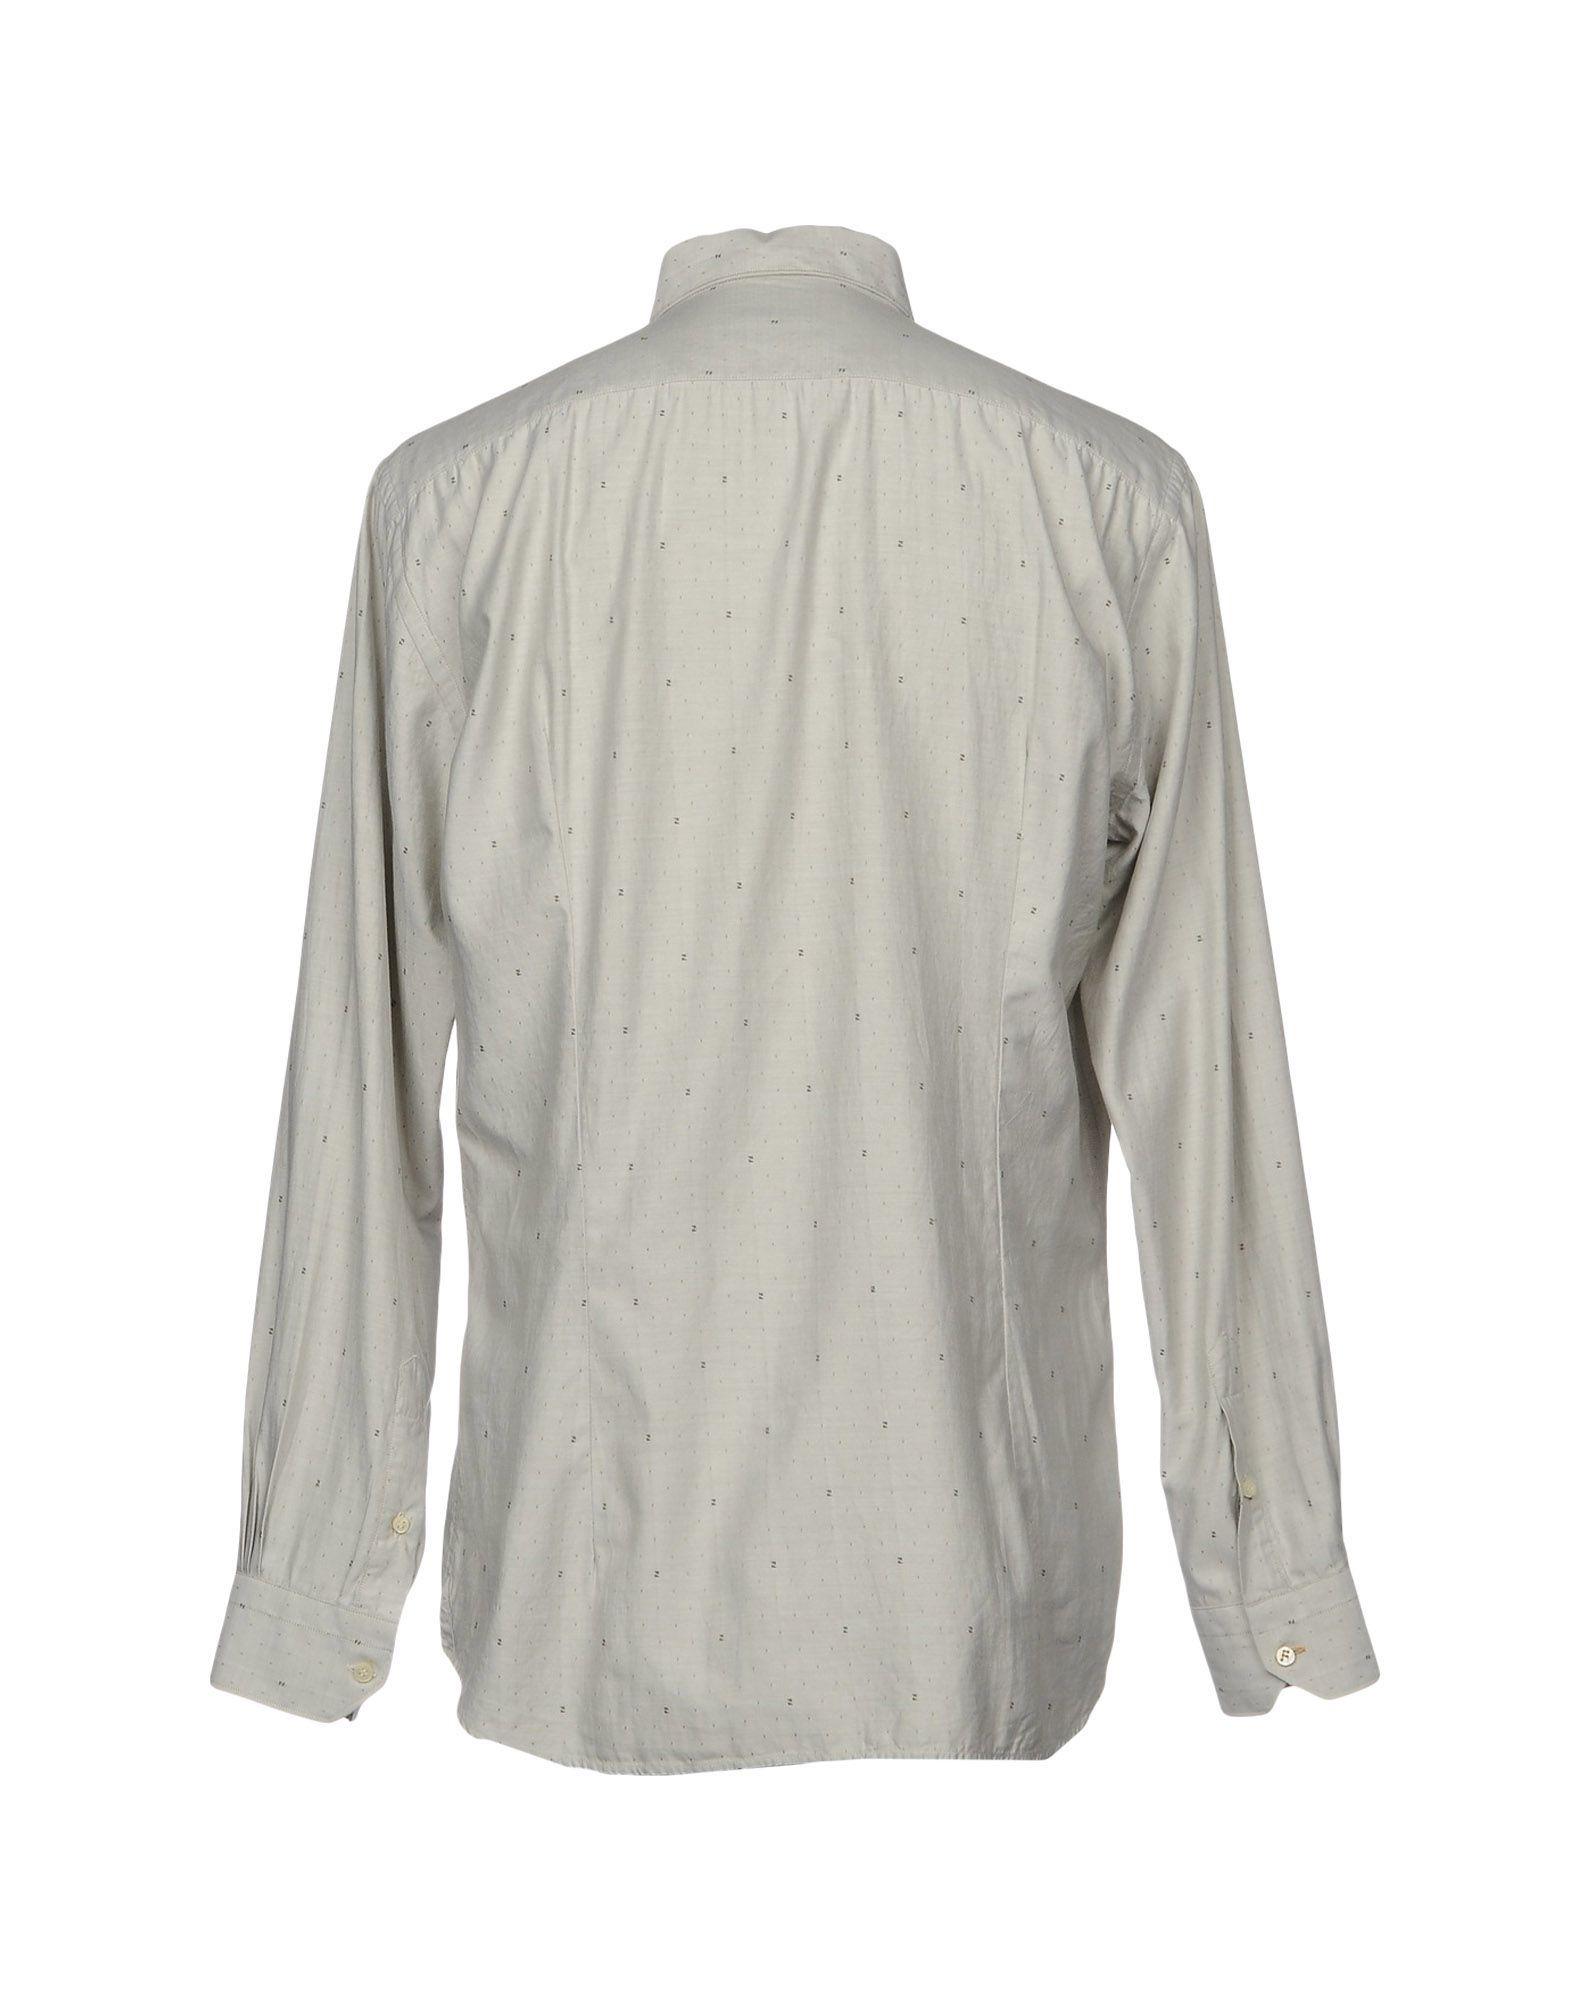 Camicia Tinta Tinta Camicia Unita Fendi Uomo - 38695459HB 8c3c6c